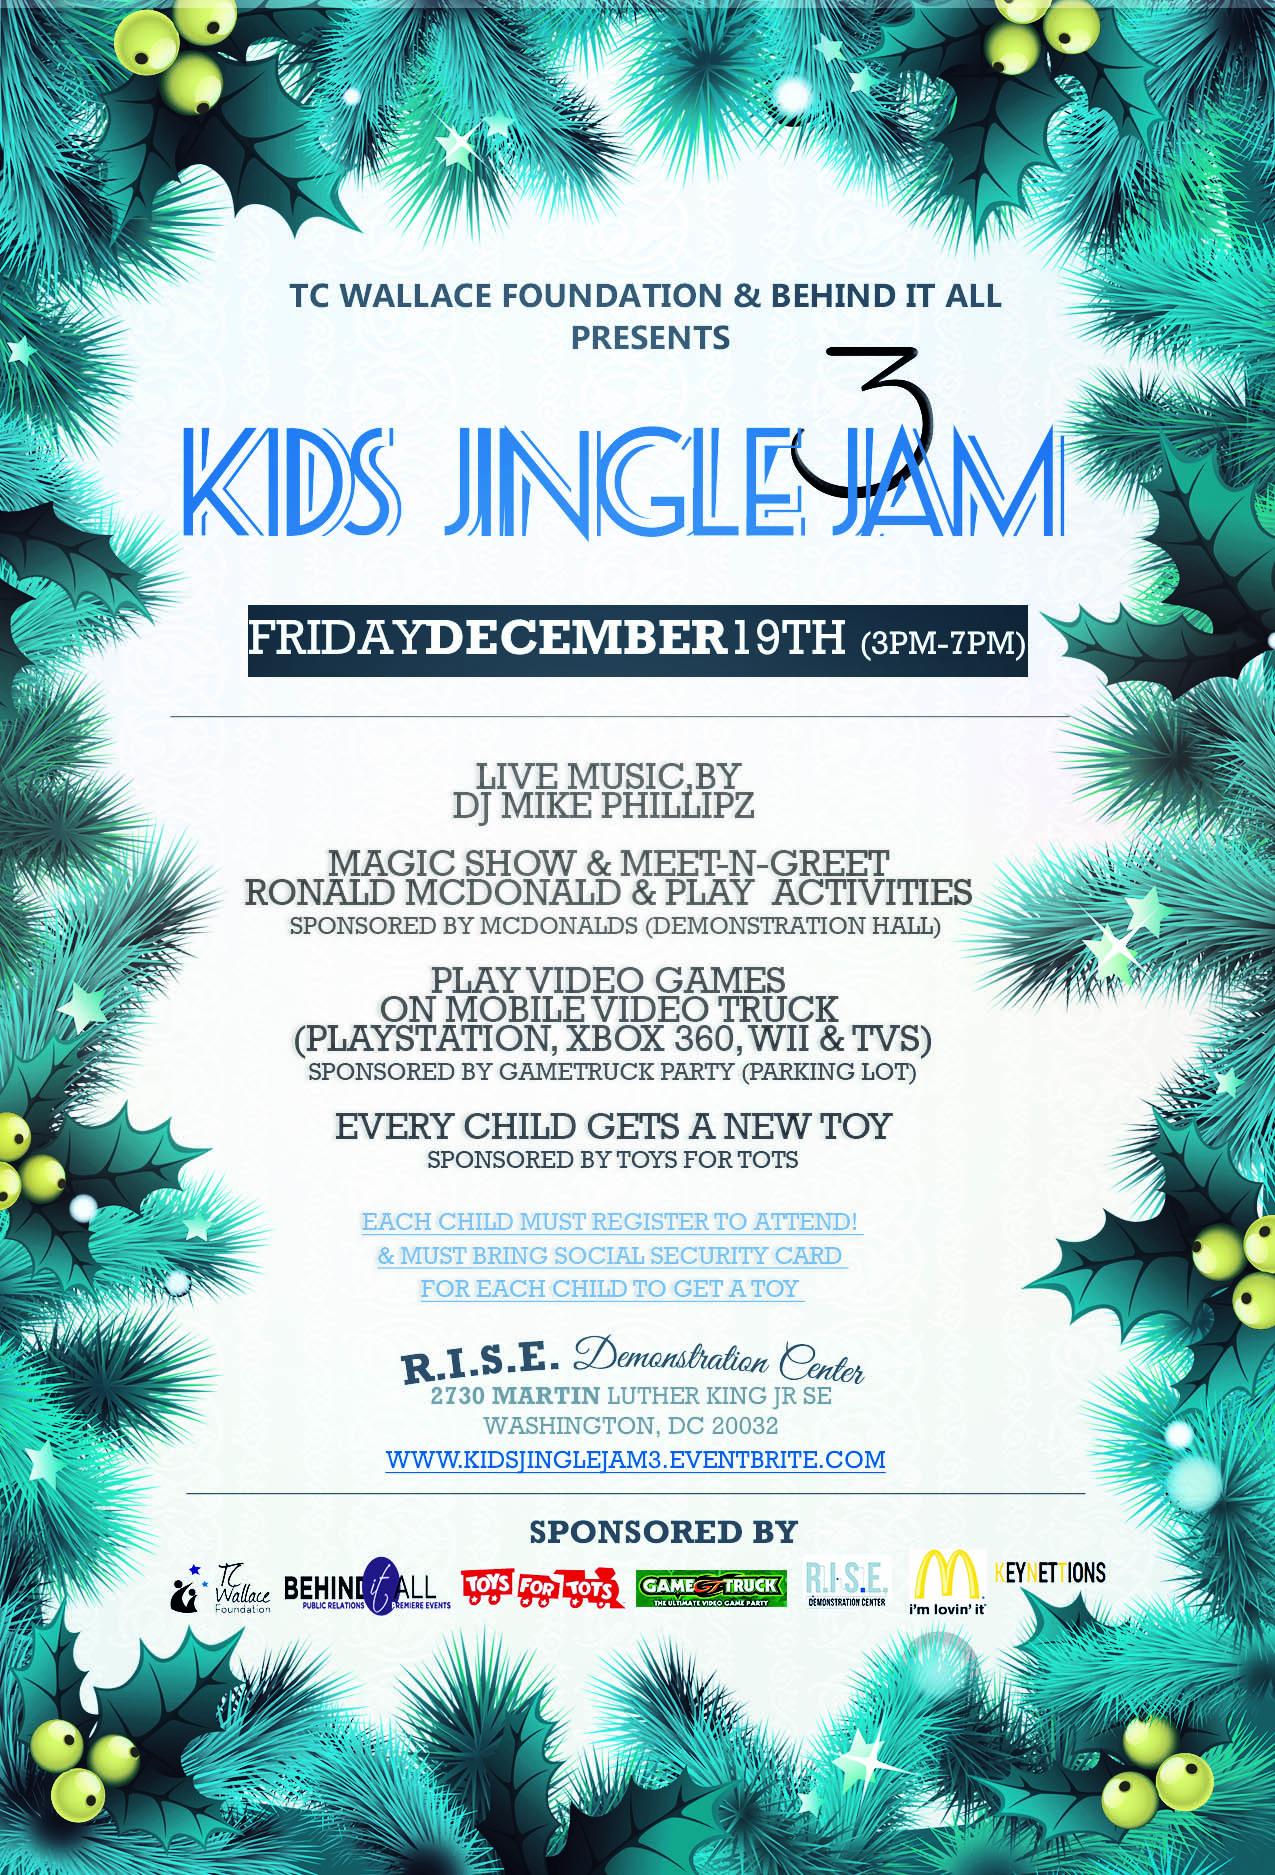 Kids Jingle Jam 3